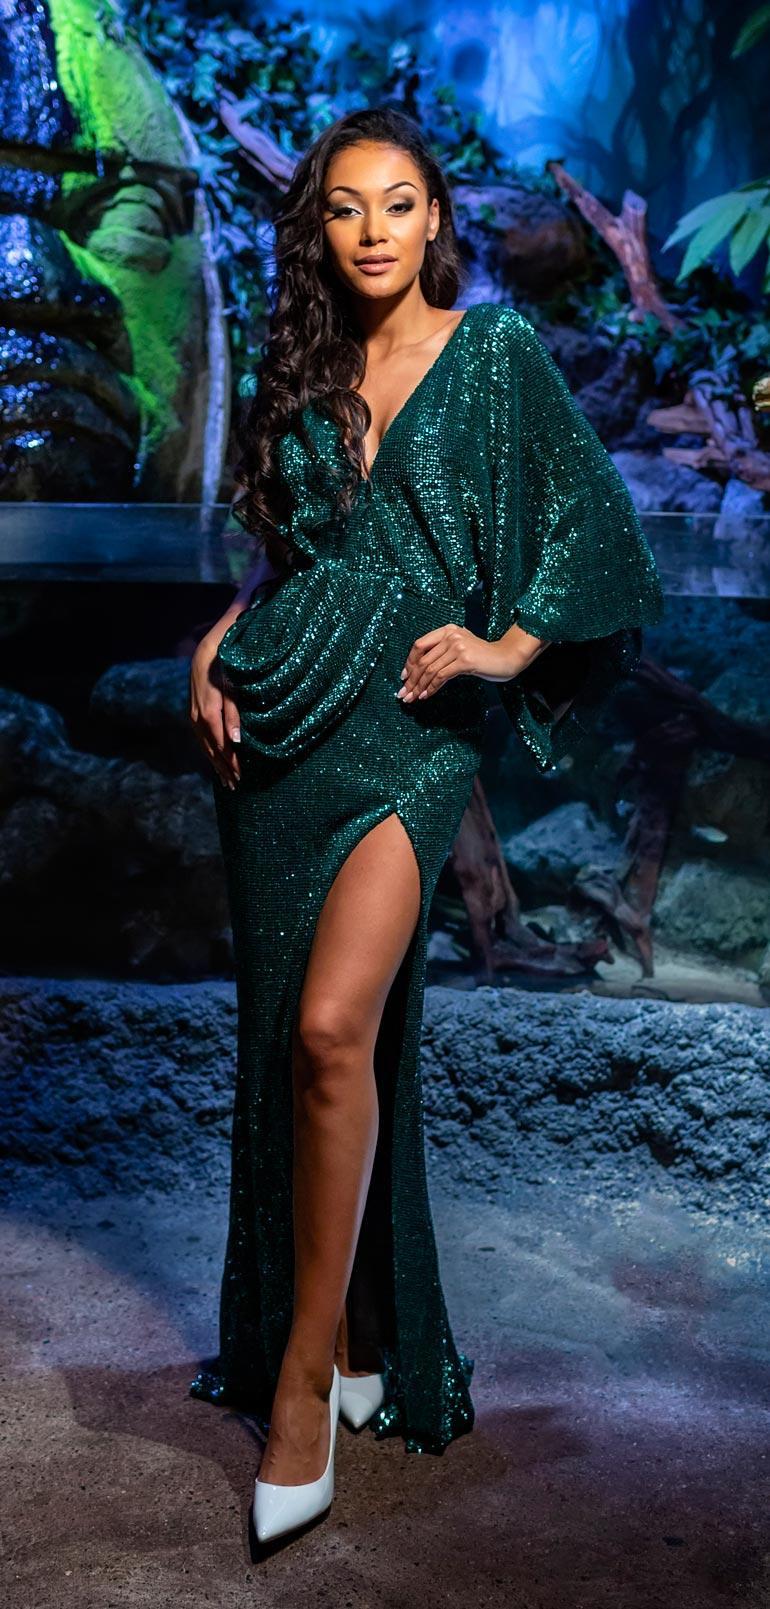 – Haluan työskenellä muodin ja kauneuden parissa,  Dana kertoo.